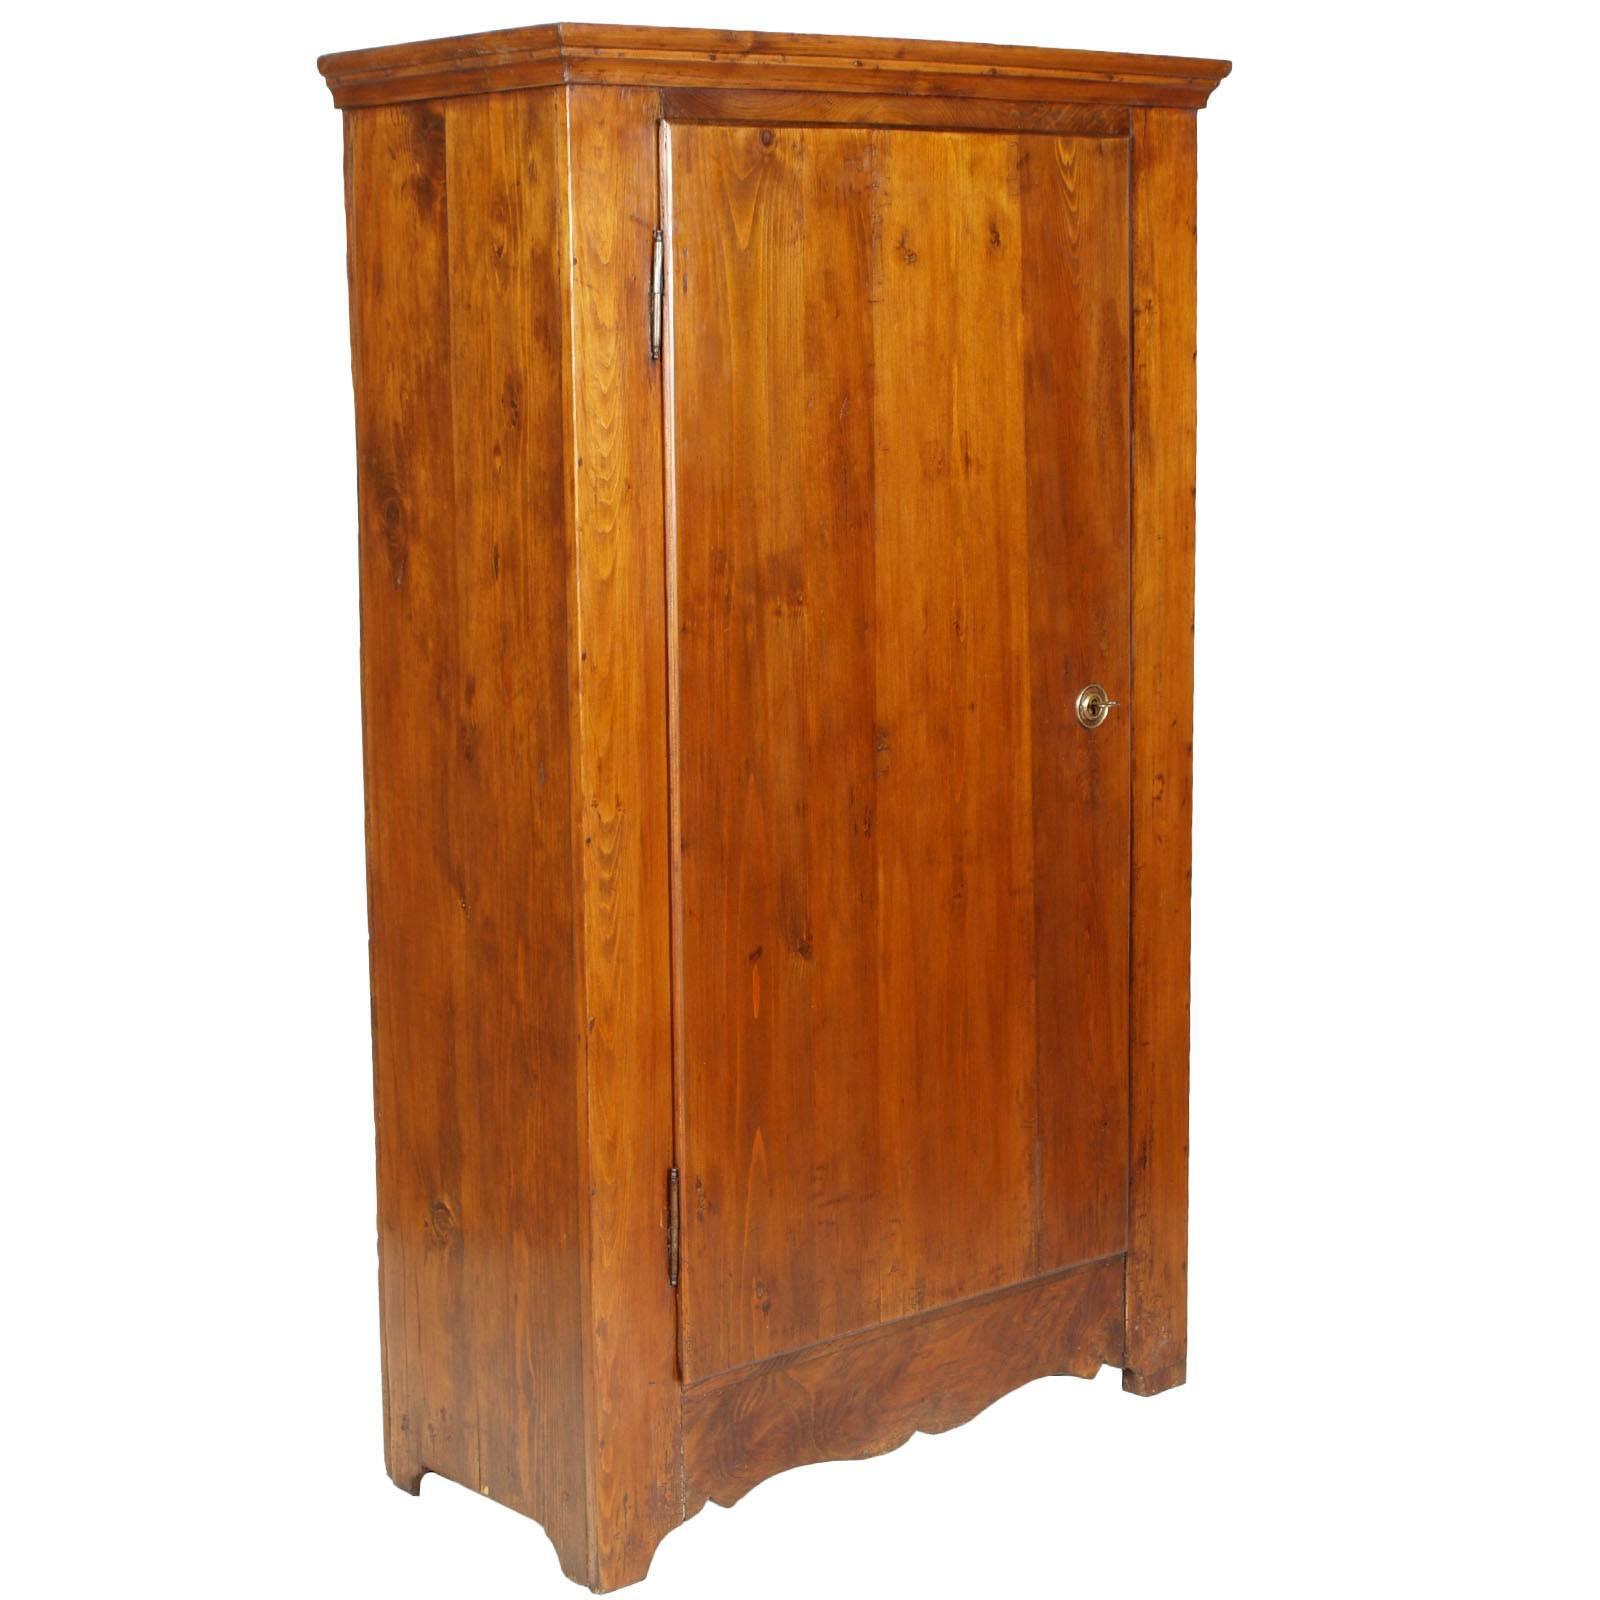 Period Biedermeier Antique Elegant Cupboard Wardrobe Solid Fir Polished to Wax